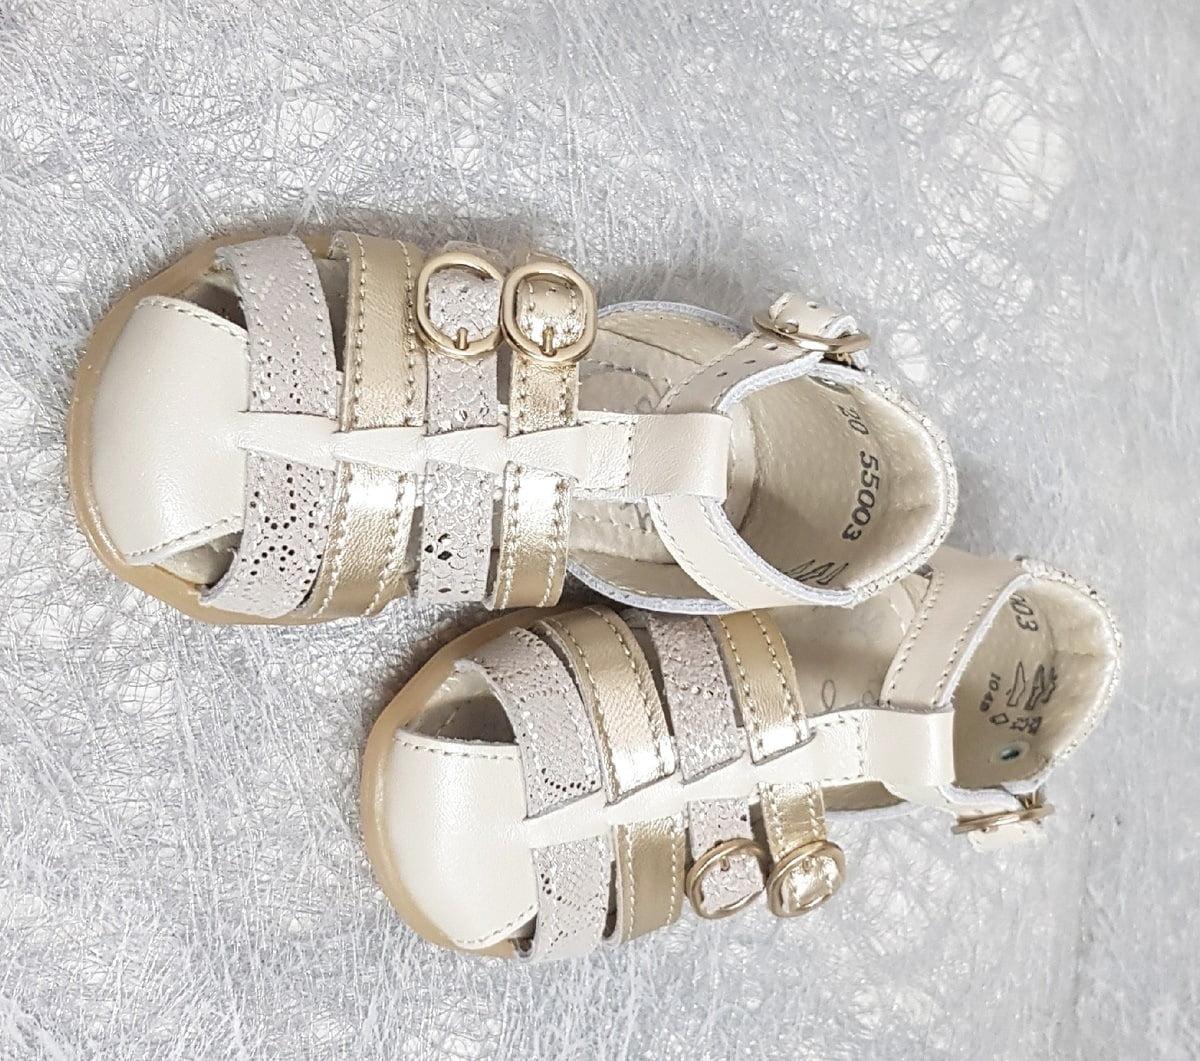 une mixité de cuir lisse beige, cuir métal or et nubuck effet reptile pour la chaussure premiers pas Linda de Little Mary. Ce nu-pied fermé est doté de brides dont 2 avec boucle sur le pied et Linda est fermé par 1 bride à boucle sur la cheville